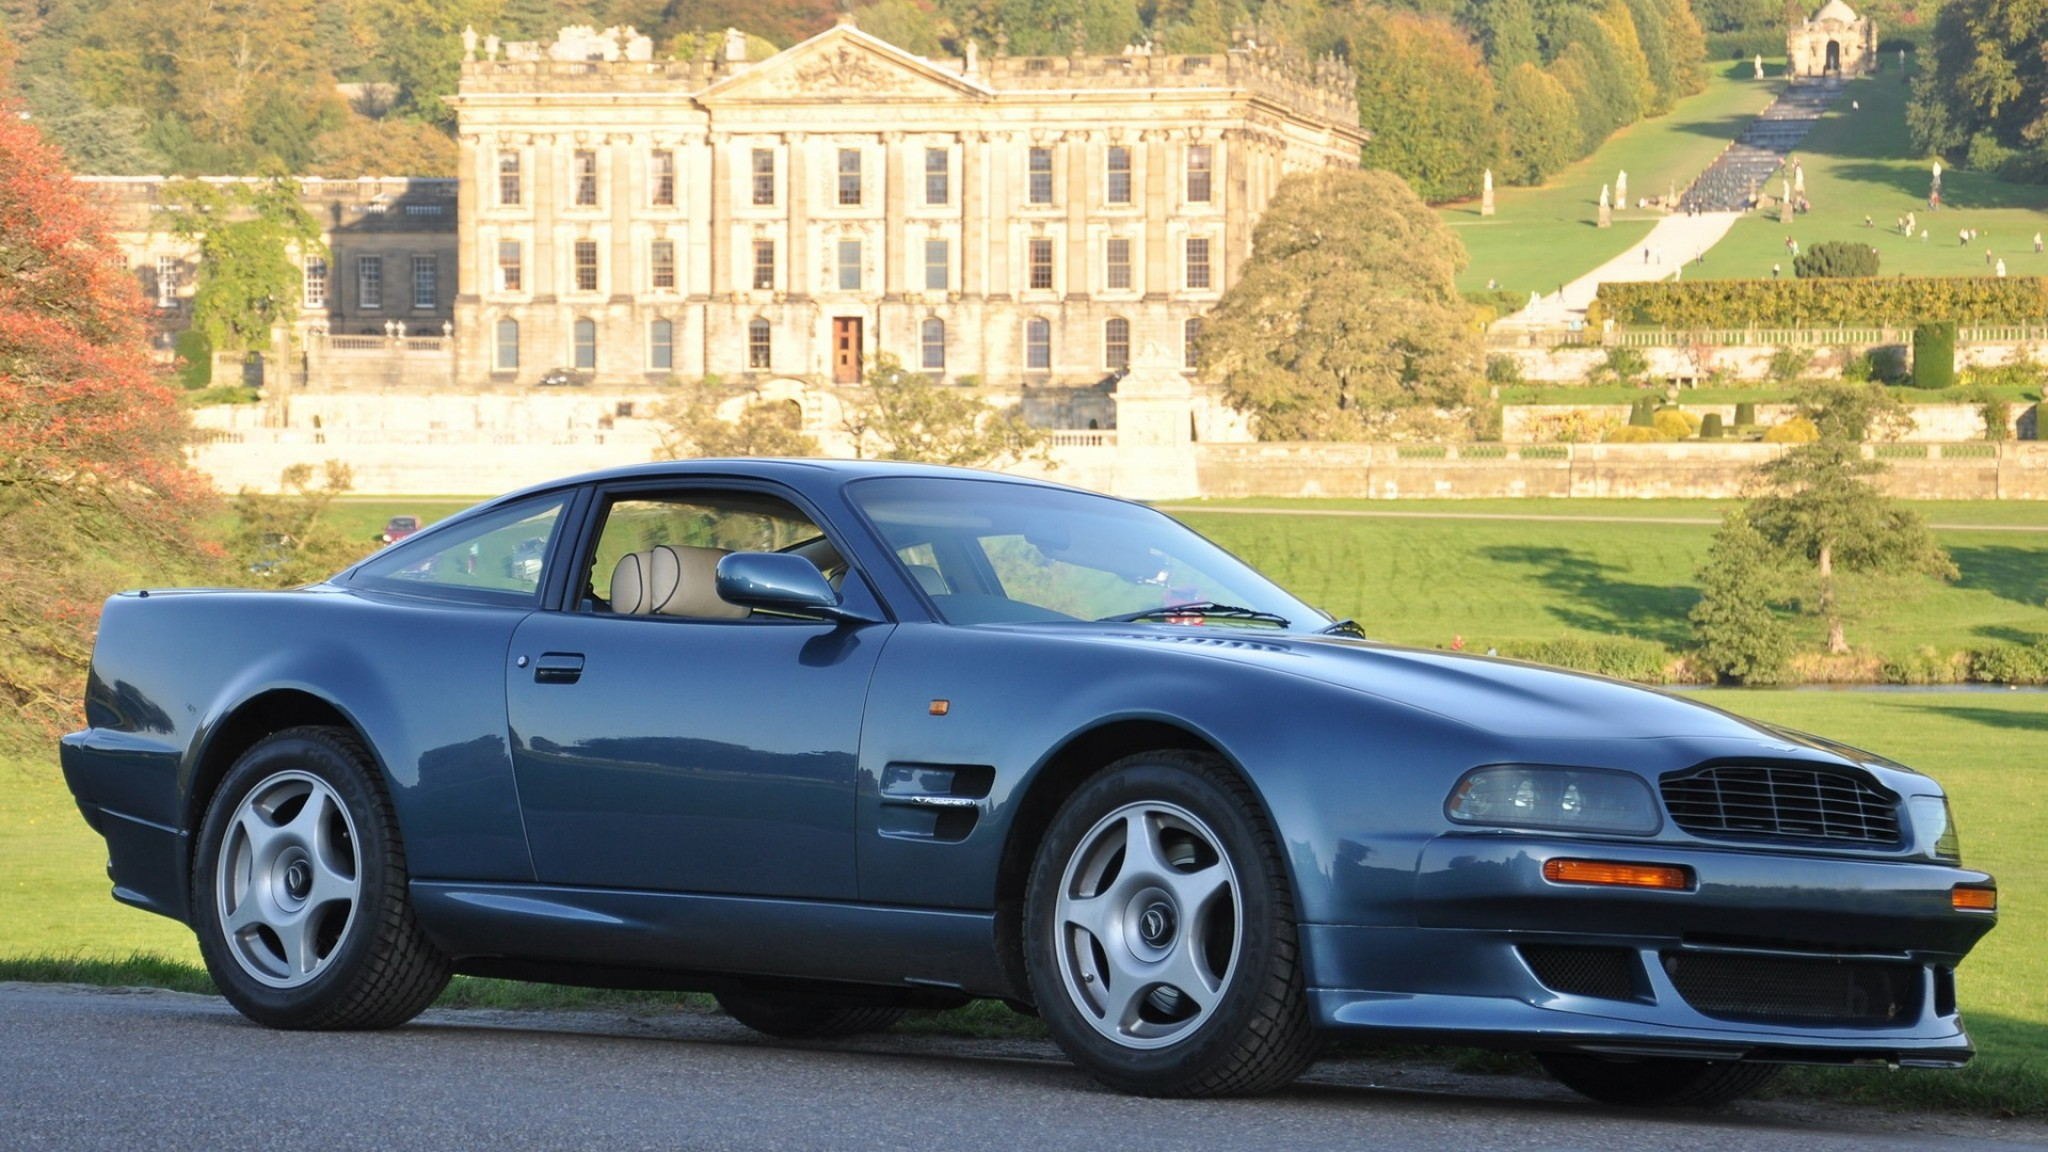 Aston Martin  V8 Vantage 1998  Blu  Vista laterale  Auto  Natura HD Wallpaper